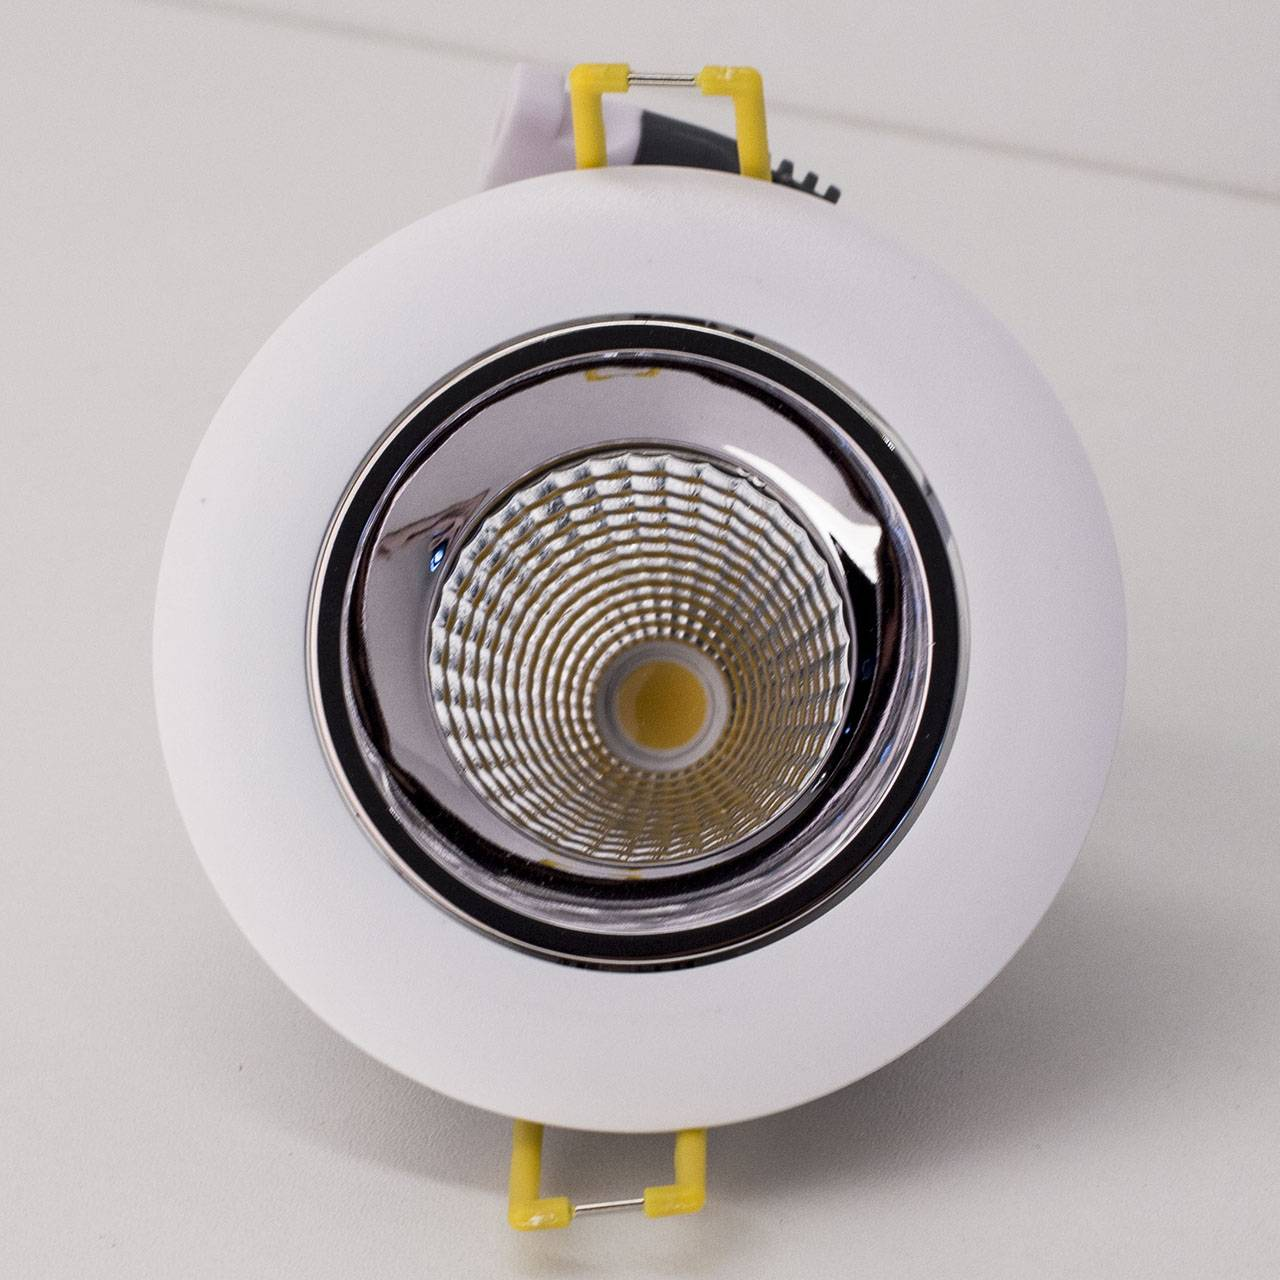 Встраиваемый светильник CITILUX, LED, 7 Вт